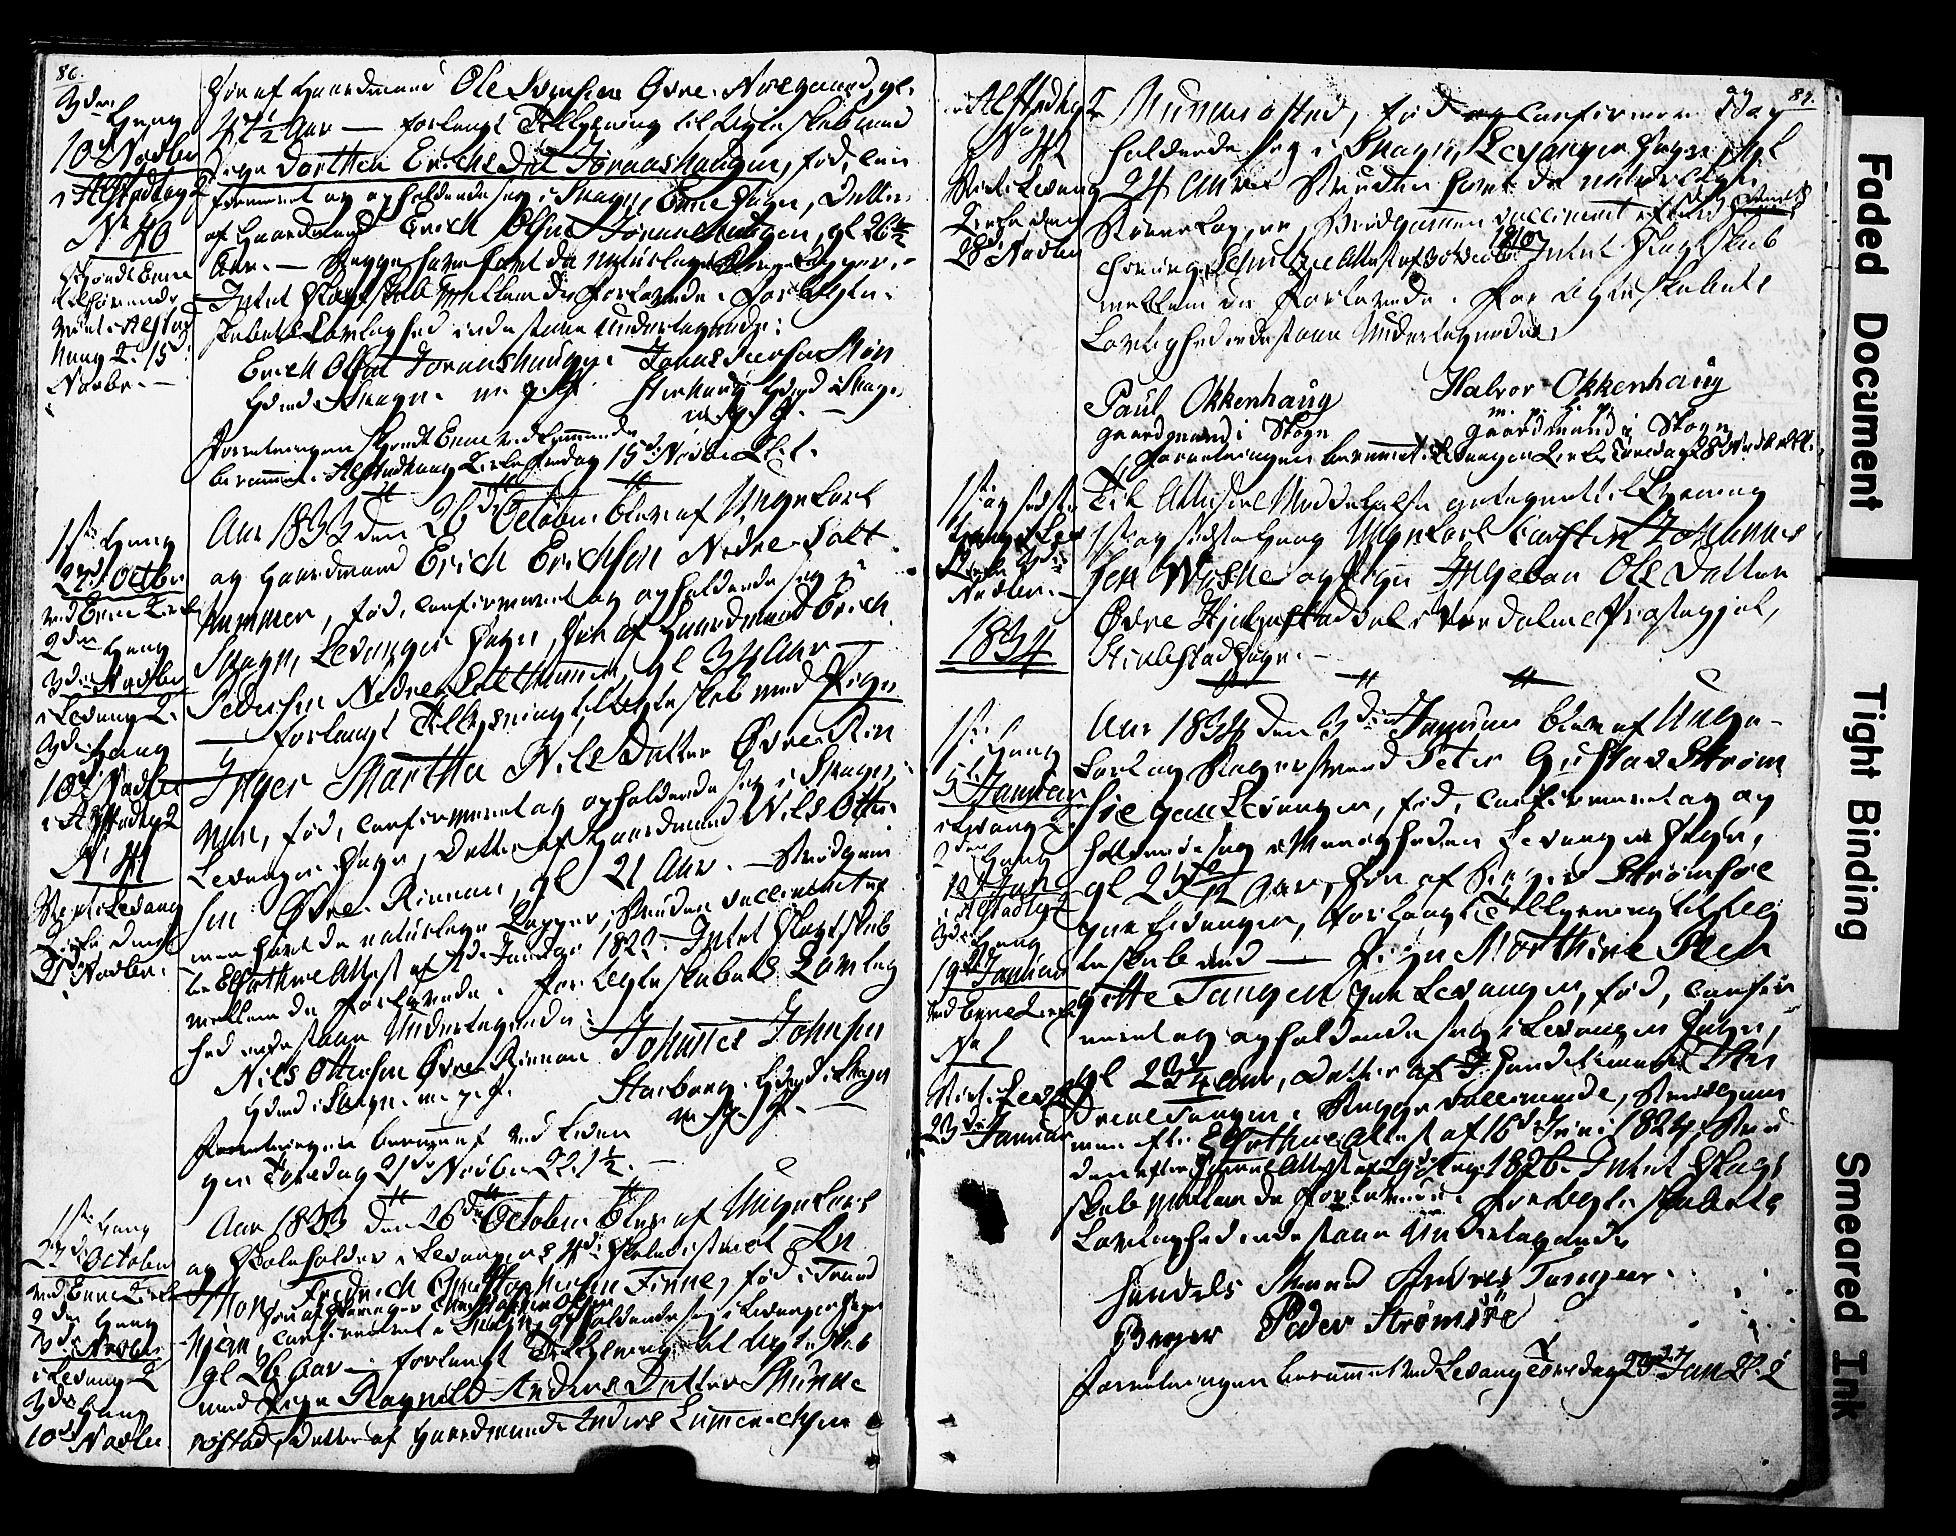 SAT, Ministerialprotokoller, klokkerbøker og fødselsregistre - Nord-Trøndelag, 717/L0160: Forlovererklæringer nr. 717A10, 1828-1850, s. 86-87